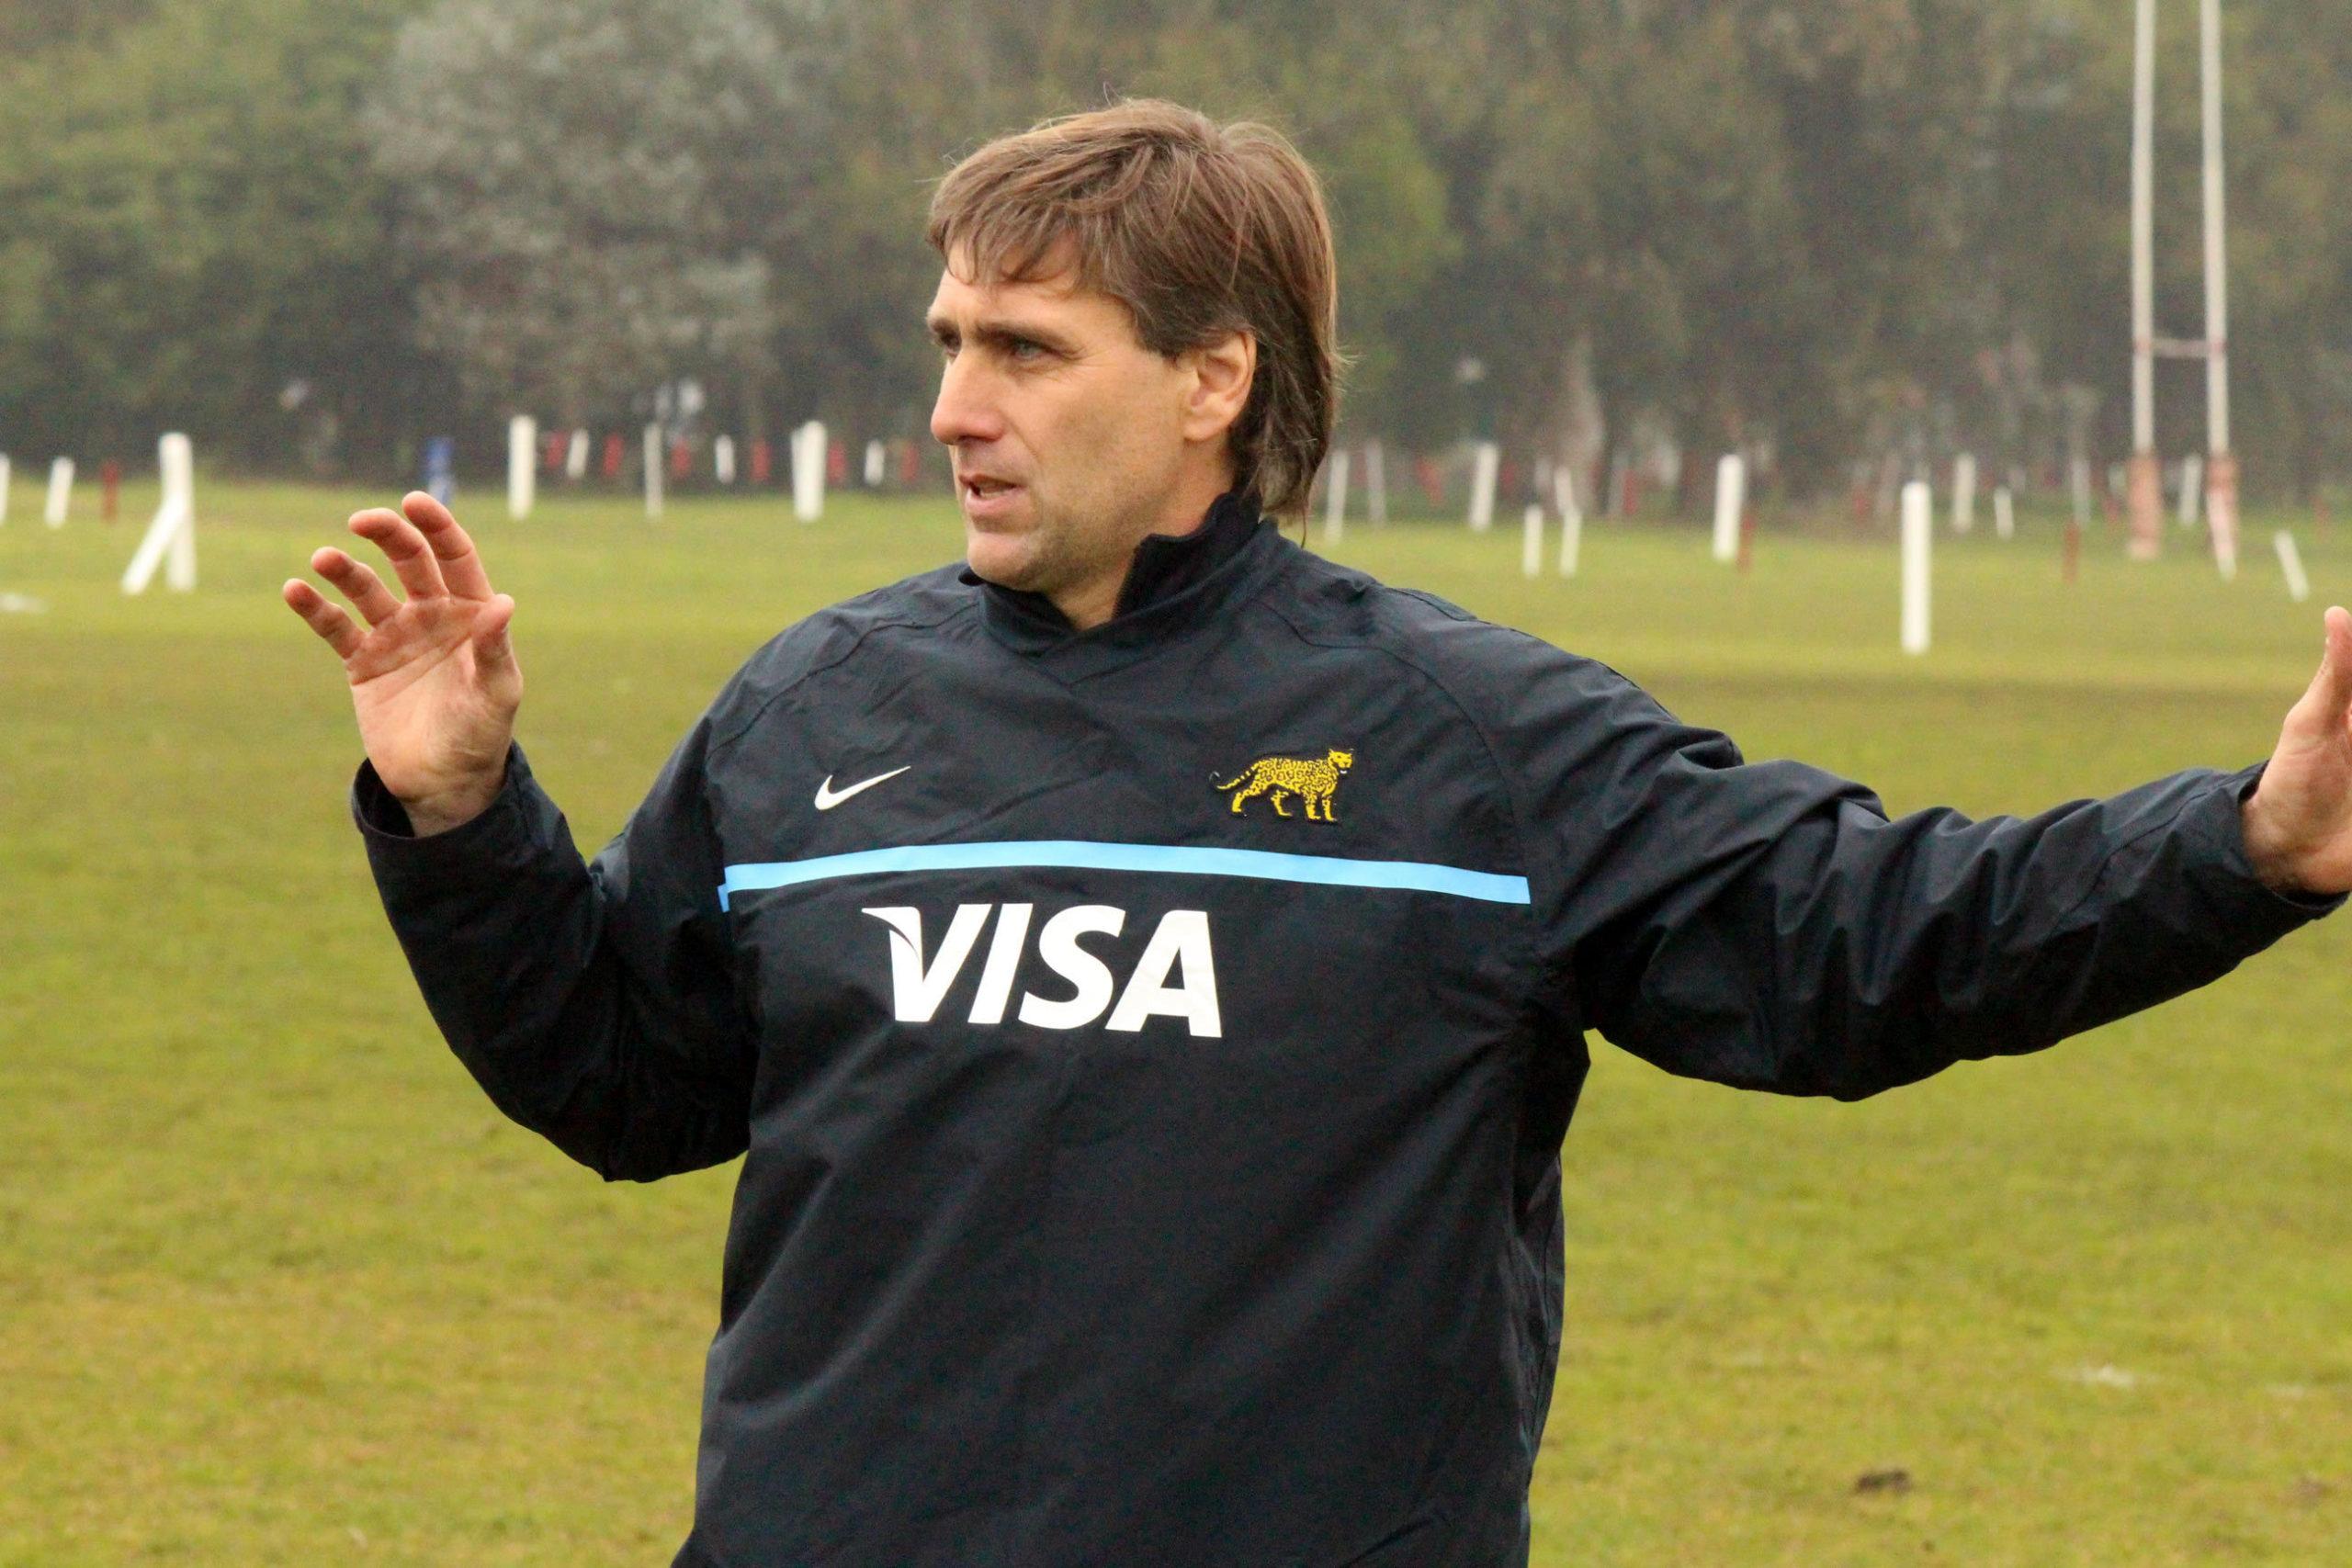 Daniel Villén será uno de los entrenadores de la Selección Mayor de la URMDP. (Foto: Prensa URMDP)